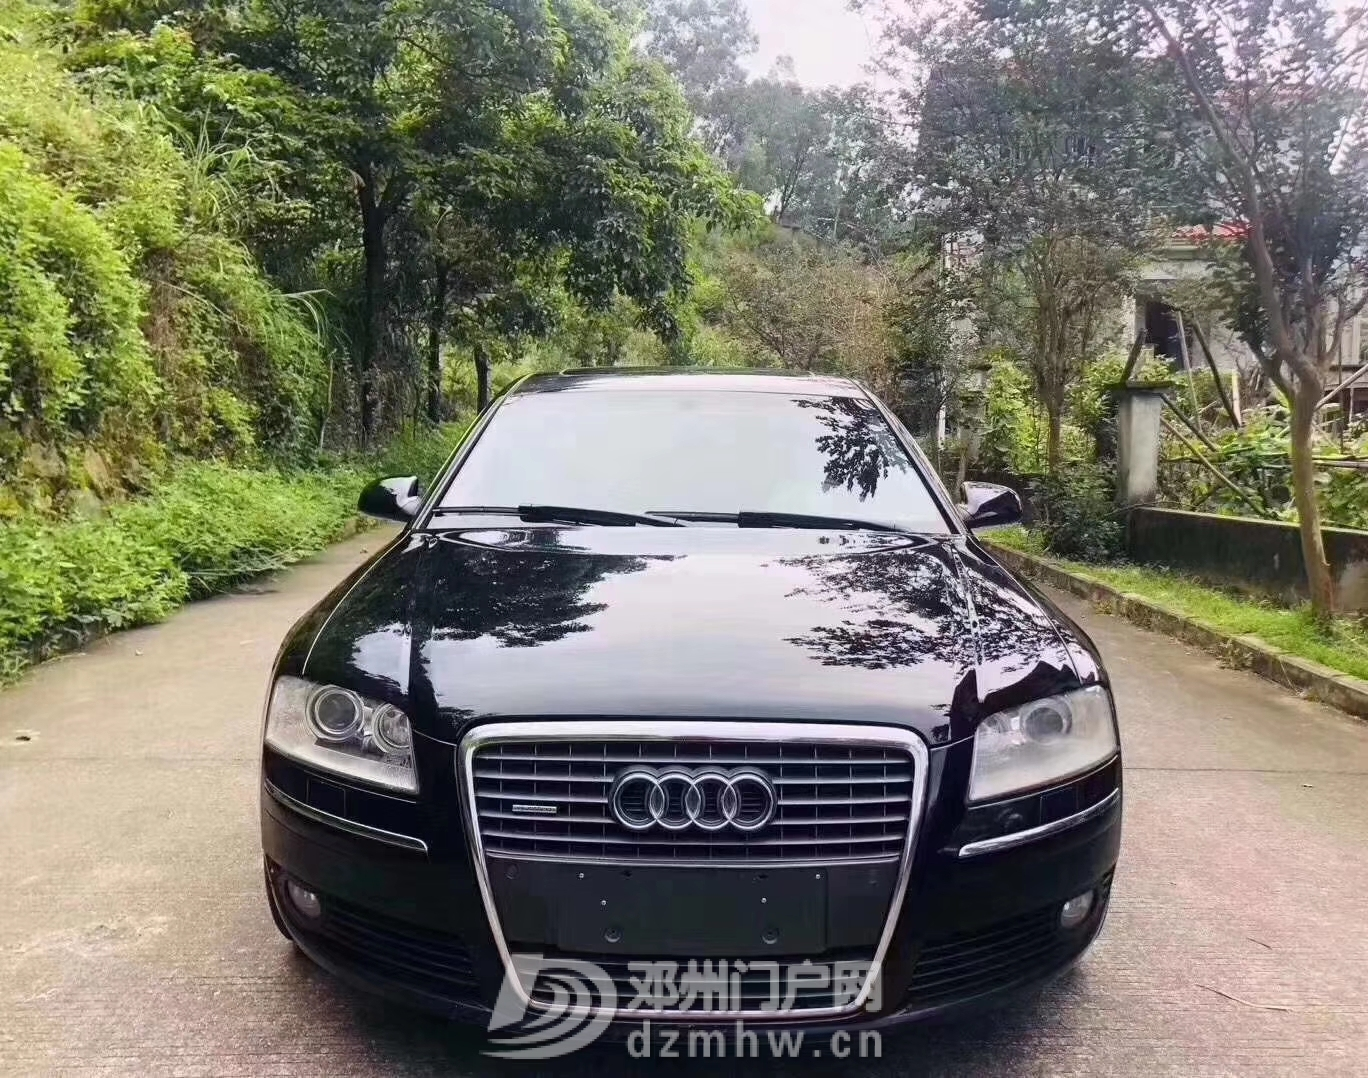 成的男人配备奥迪A8才几万黄江二手车 - 邓州门户网|邓州网 - 微信图片_201908021504097.jpg